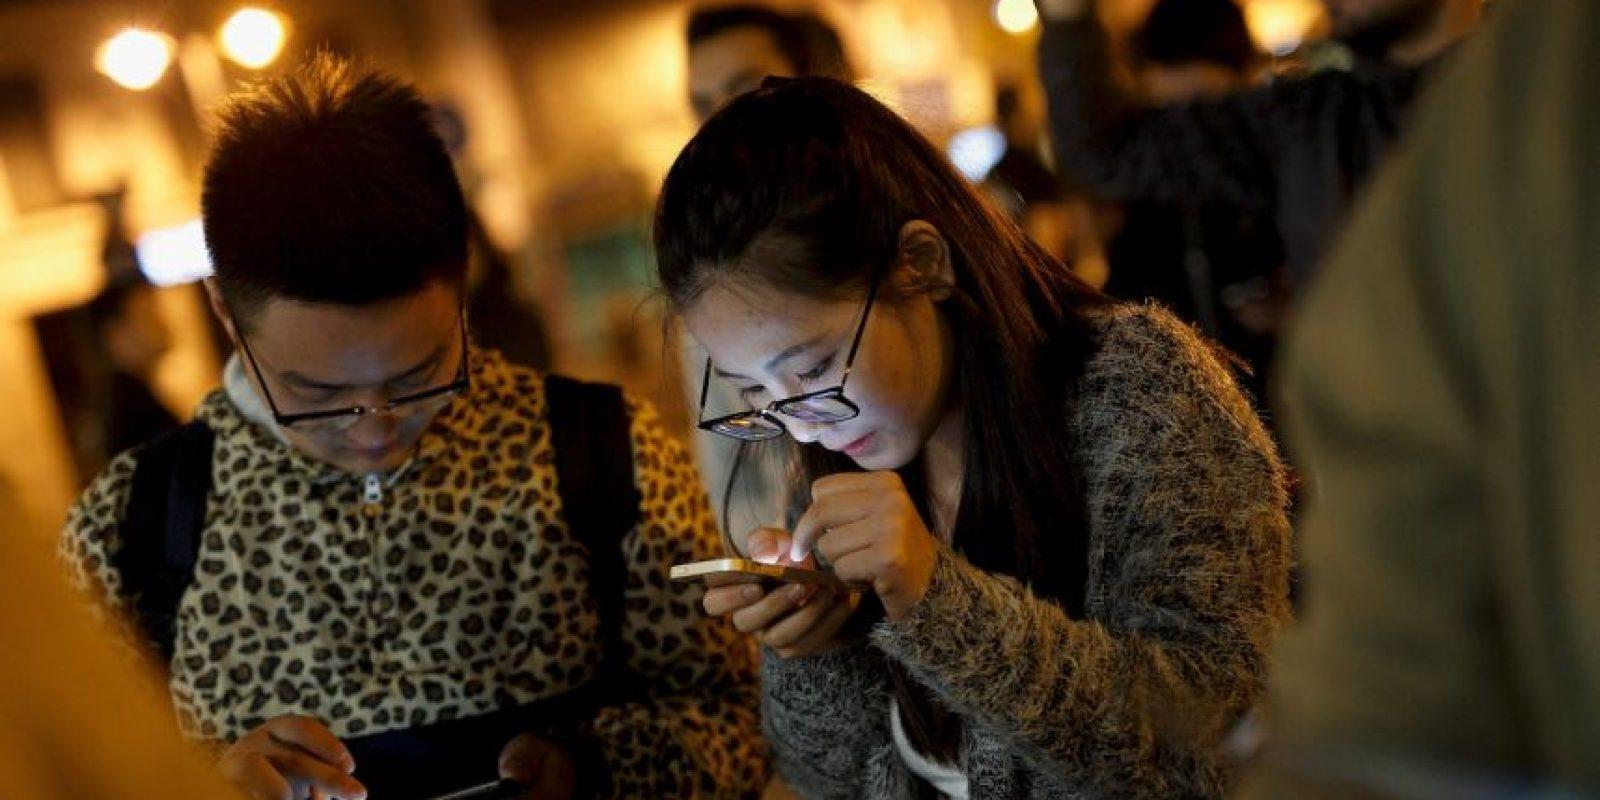 """Además, se informó que la práctica de mandar mensajes o fotos eróticas por mensajes se convirtió en """"la base de la sexualidad para adolescentes"""", pues con esta actividad experimentan una primera etapa de la sexualidad en pareja. Foto:Getty Images"""